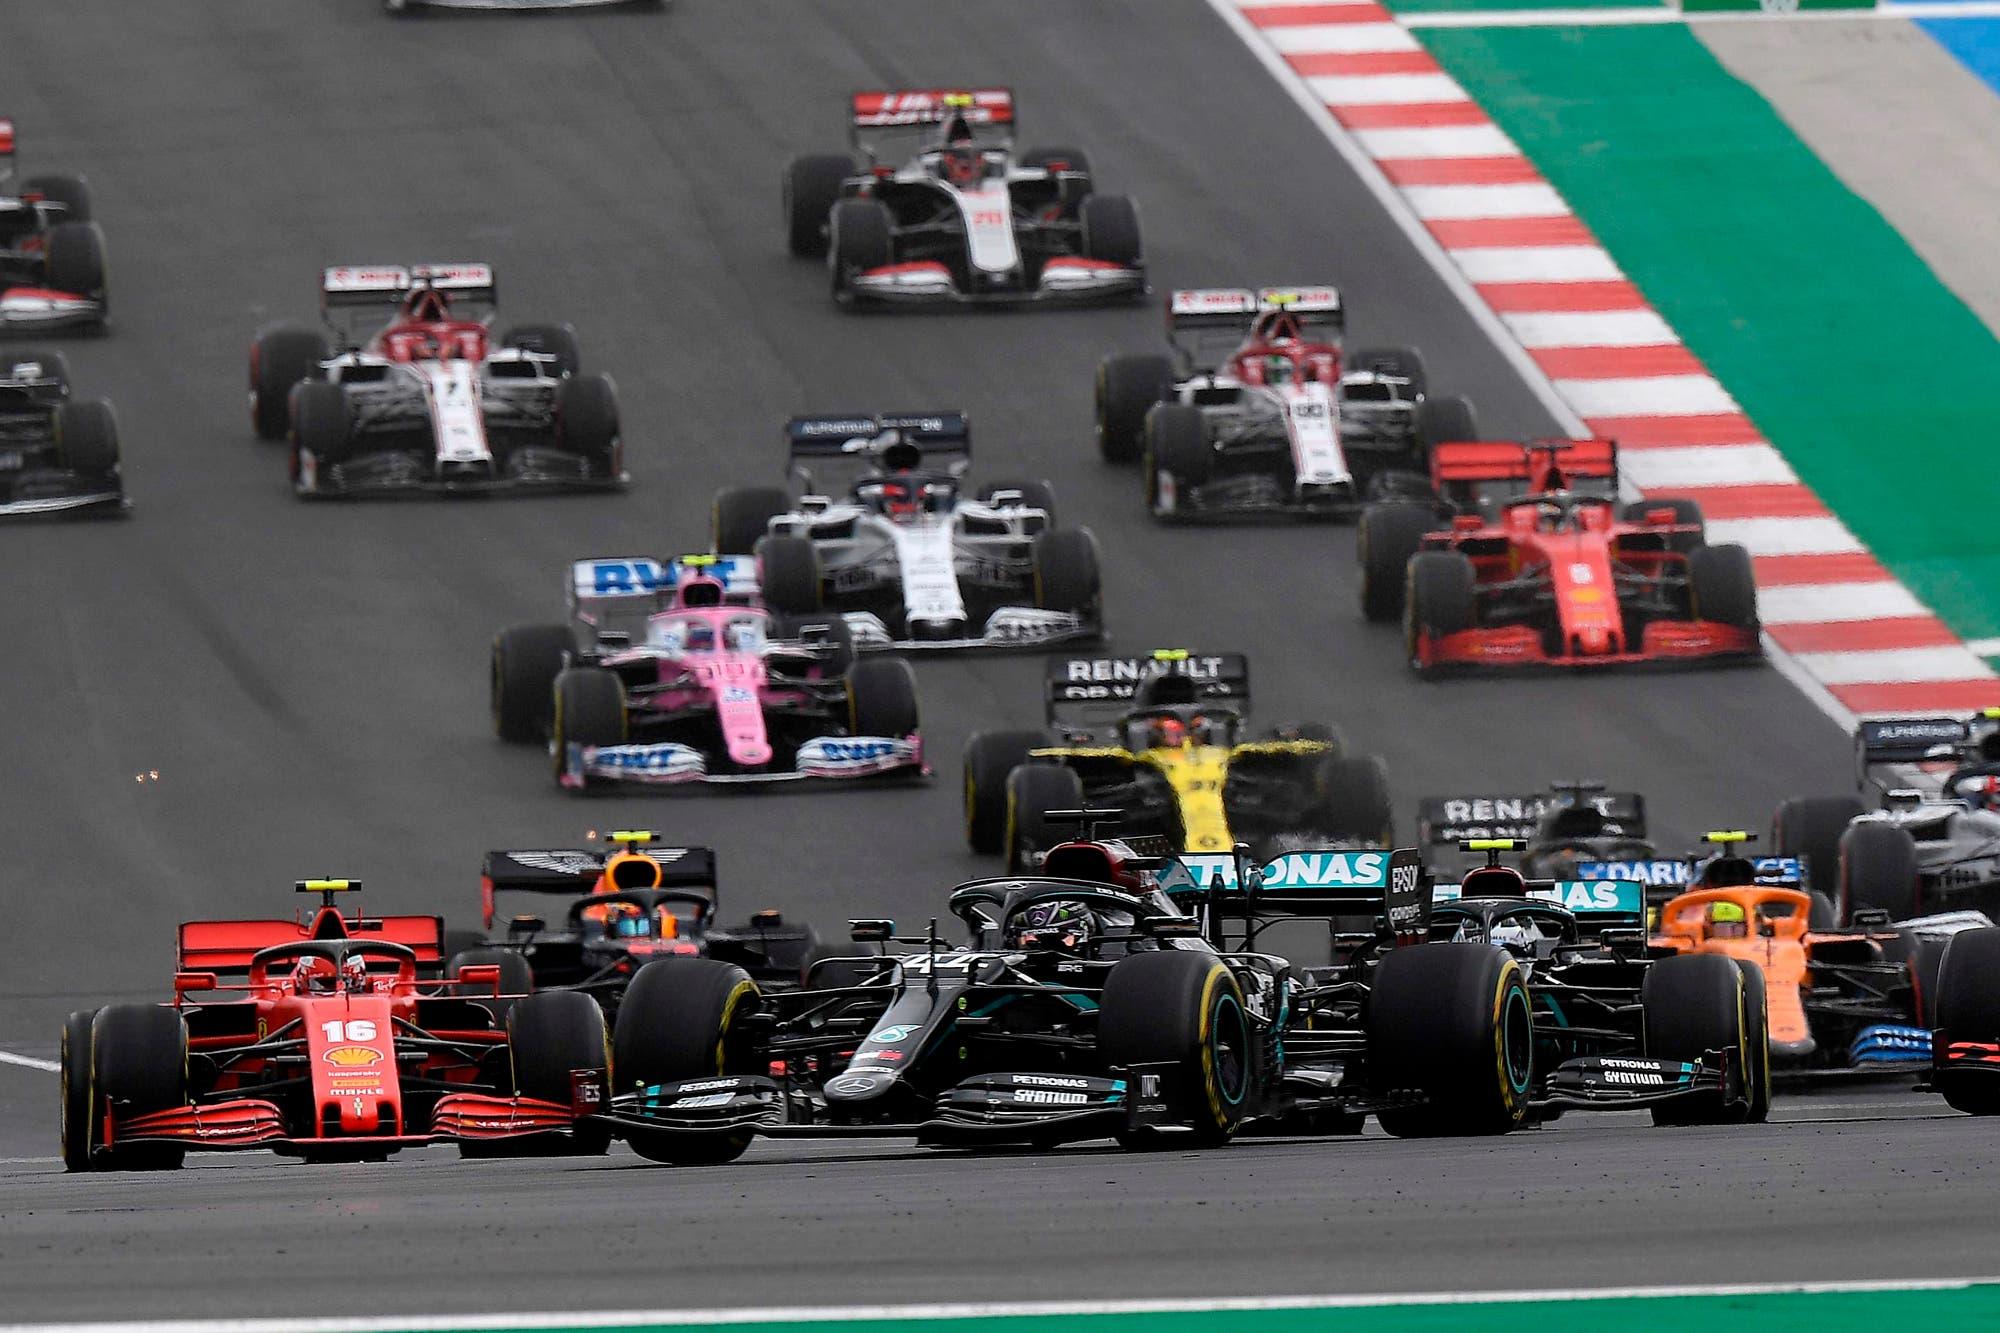 Fórmula 1. Gran Premio de Emilia Romagna: horarios y TV de las prácticas, la clasificación y la carrera del domingo